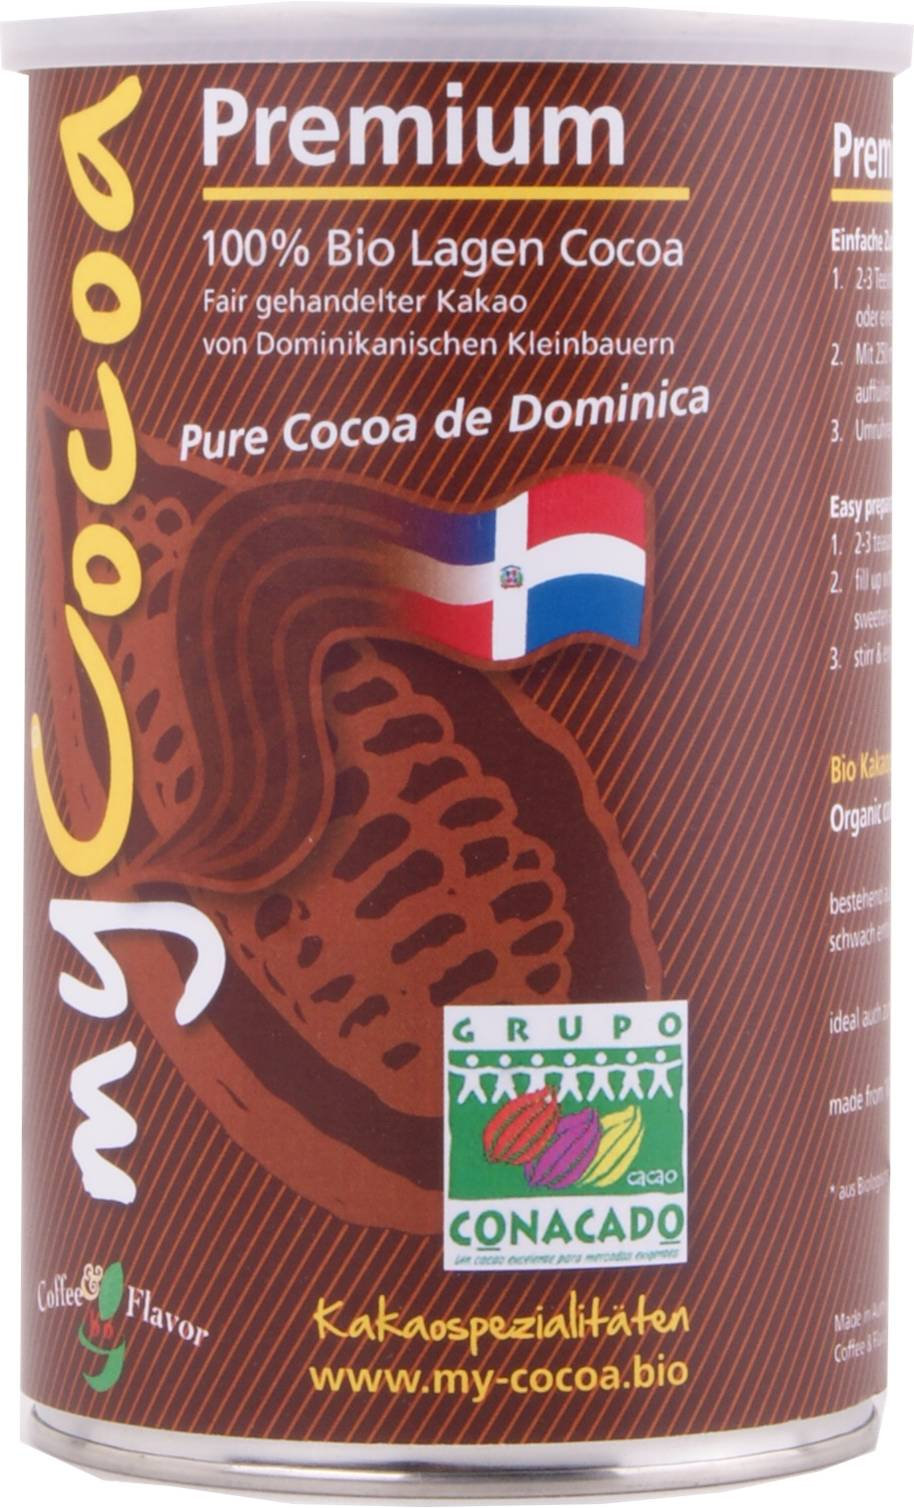 Bio MyCocoa 100 Prozent reiner Lagencacao aus der Dom. Rep